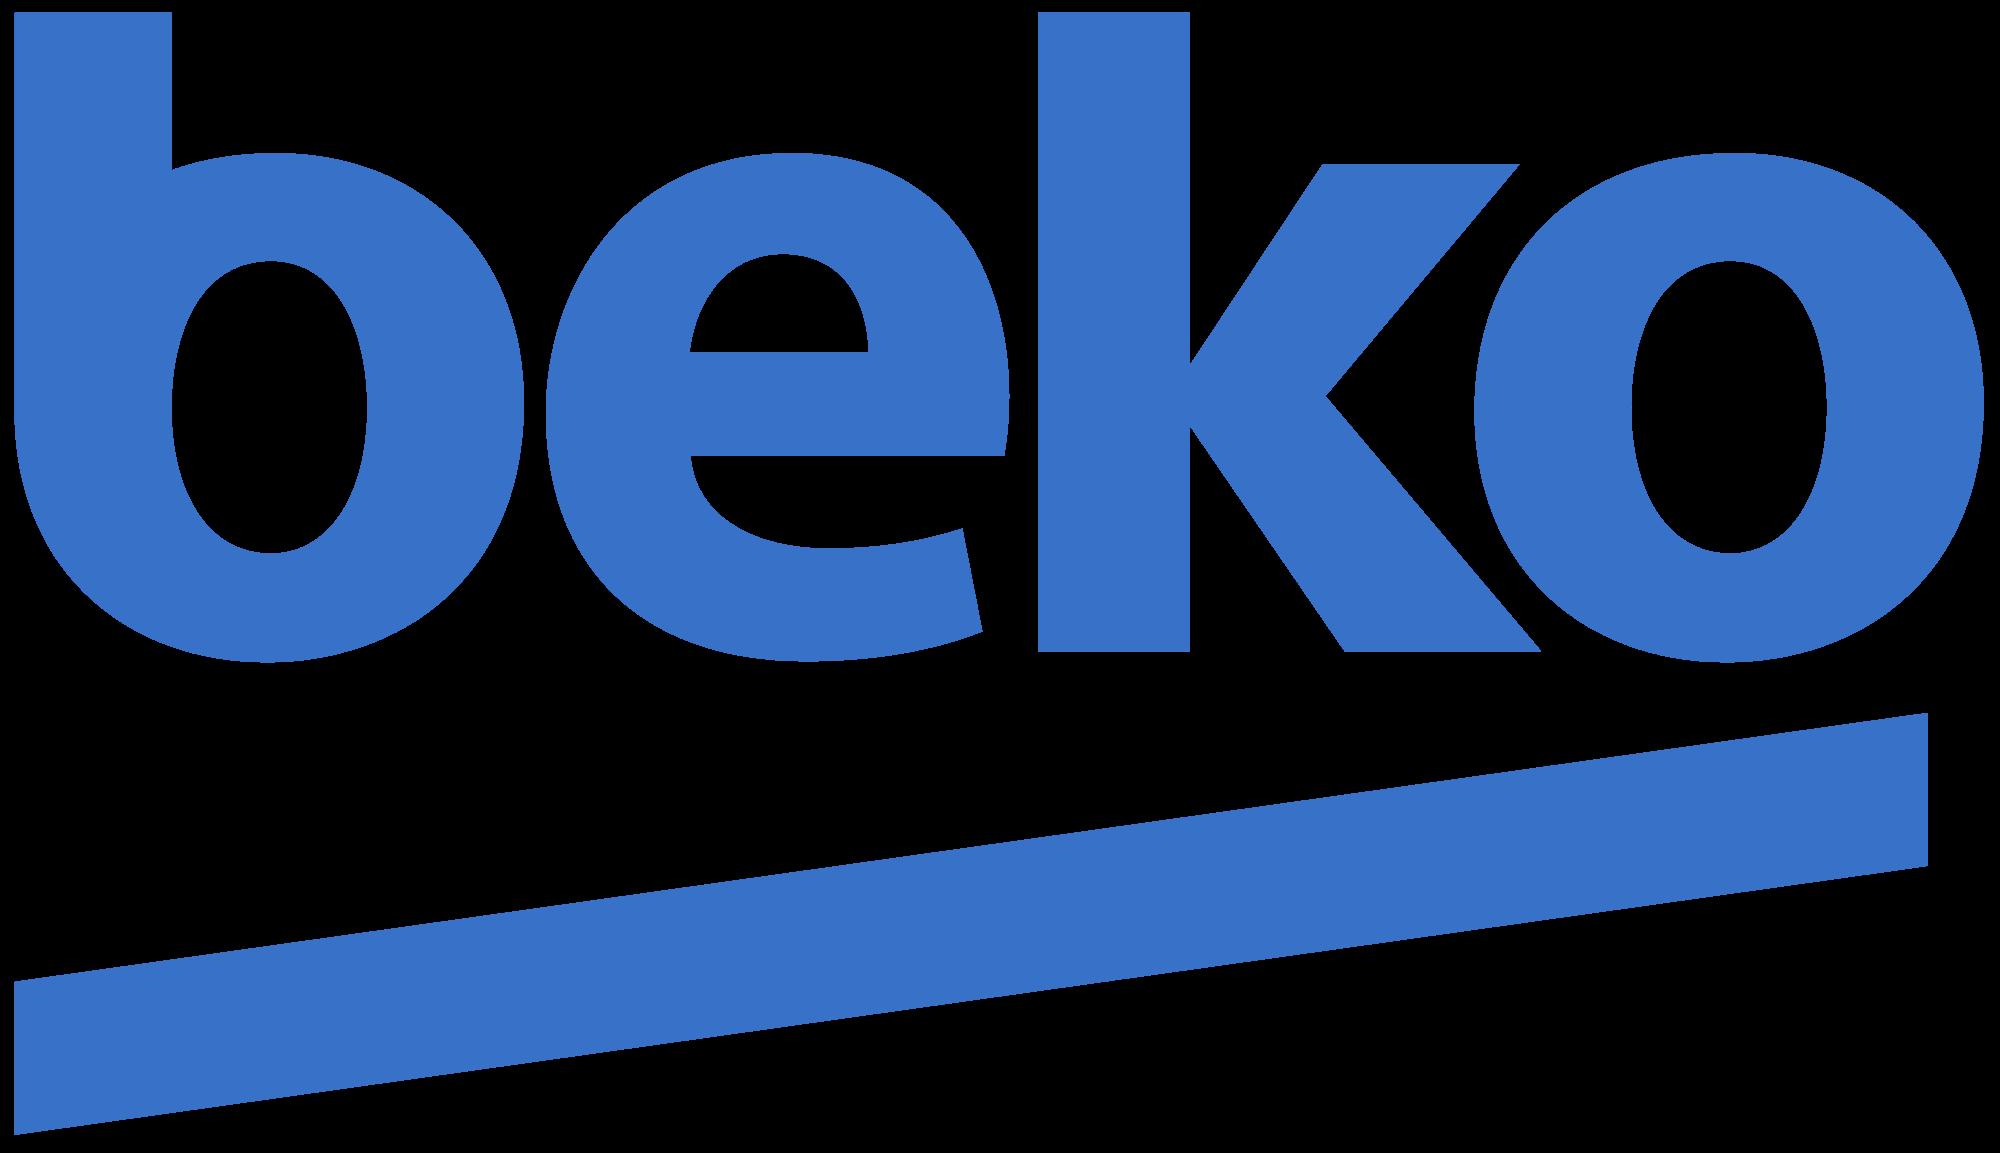 Kuchenki Beko Instrukcje Obsługi Dane Techniczne Urządzenia